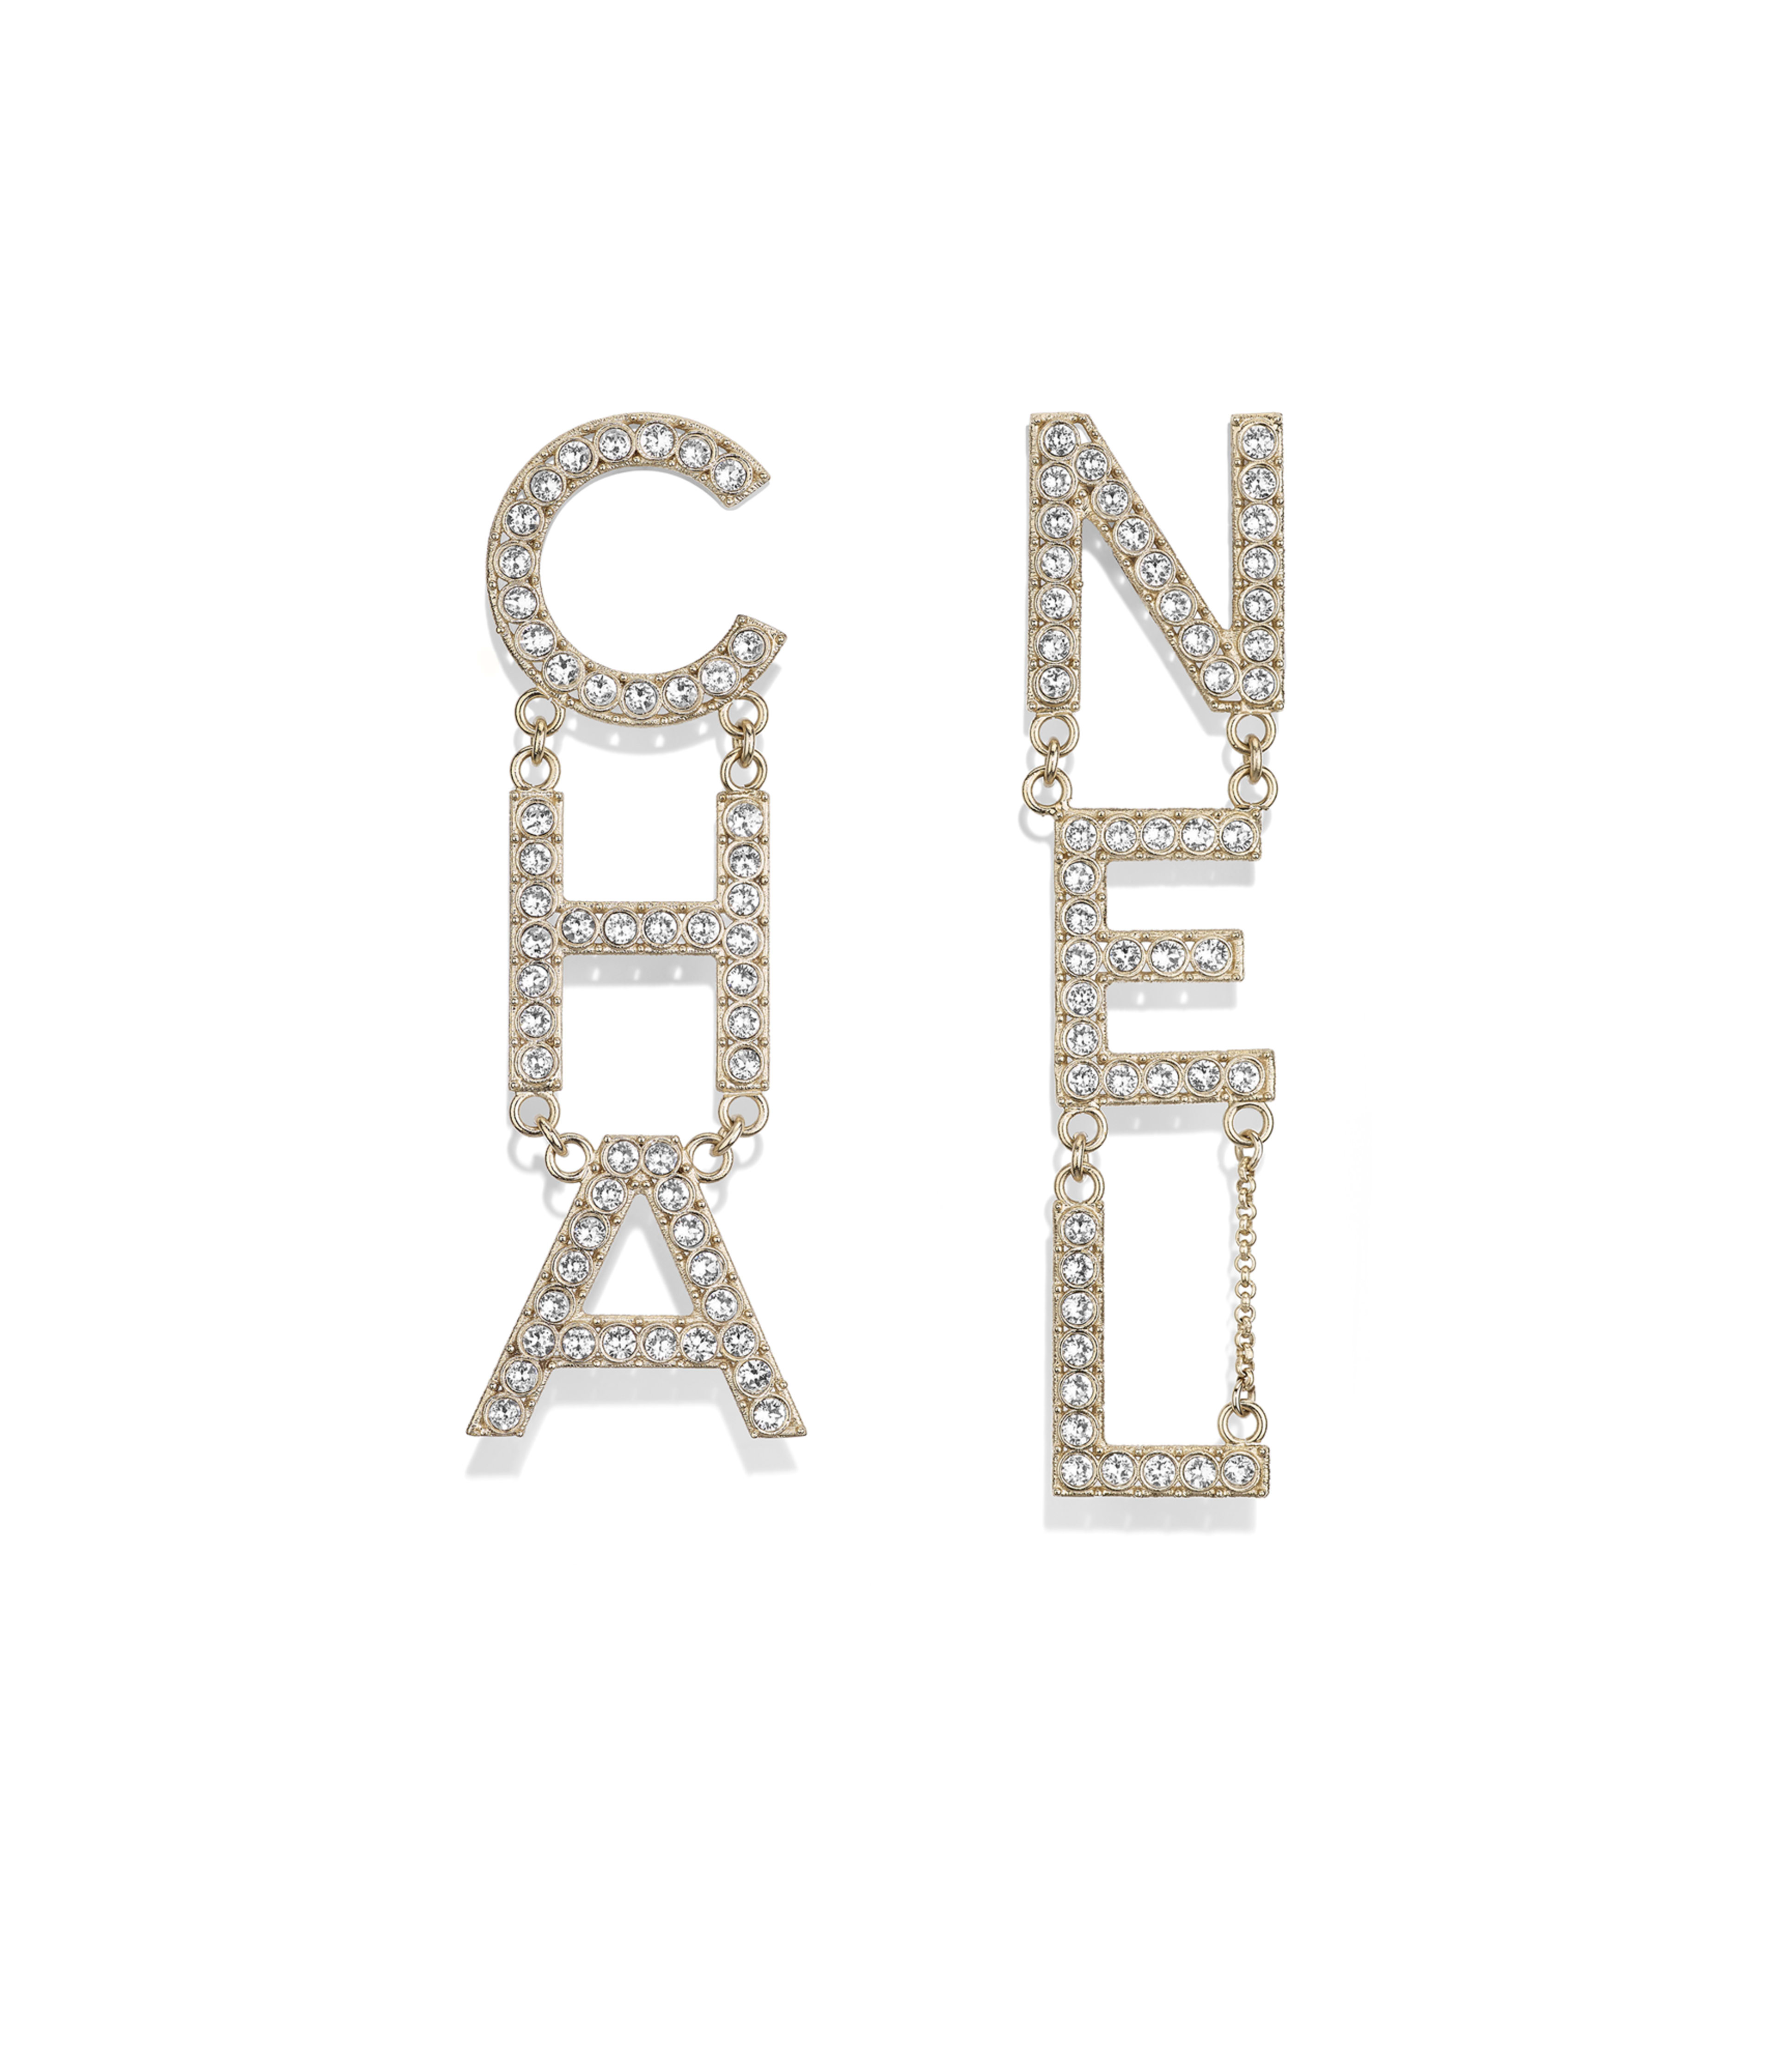 82dd75234a46c Earrings - Costume jewelry | CHANEL